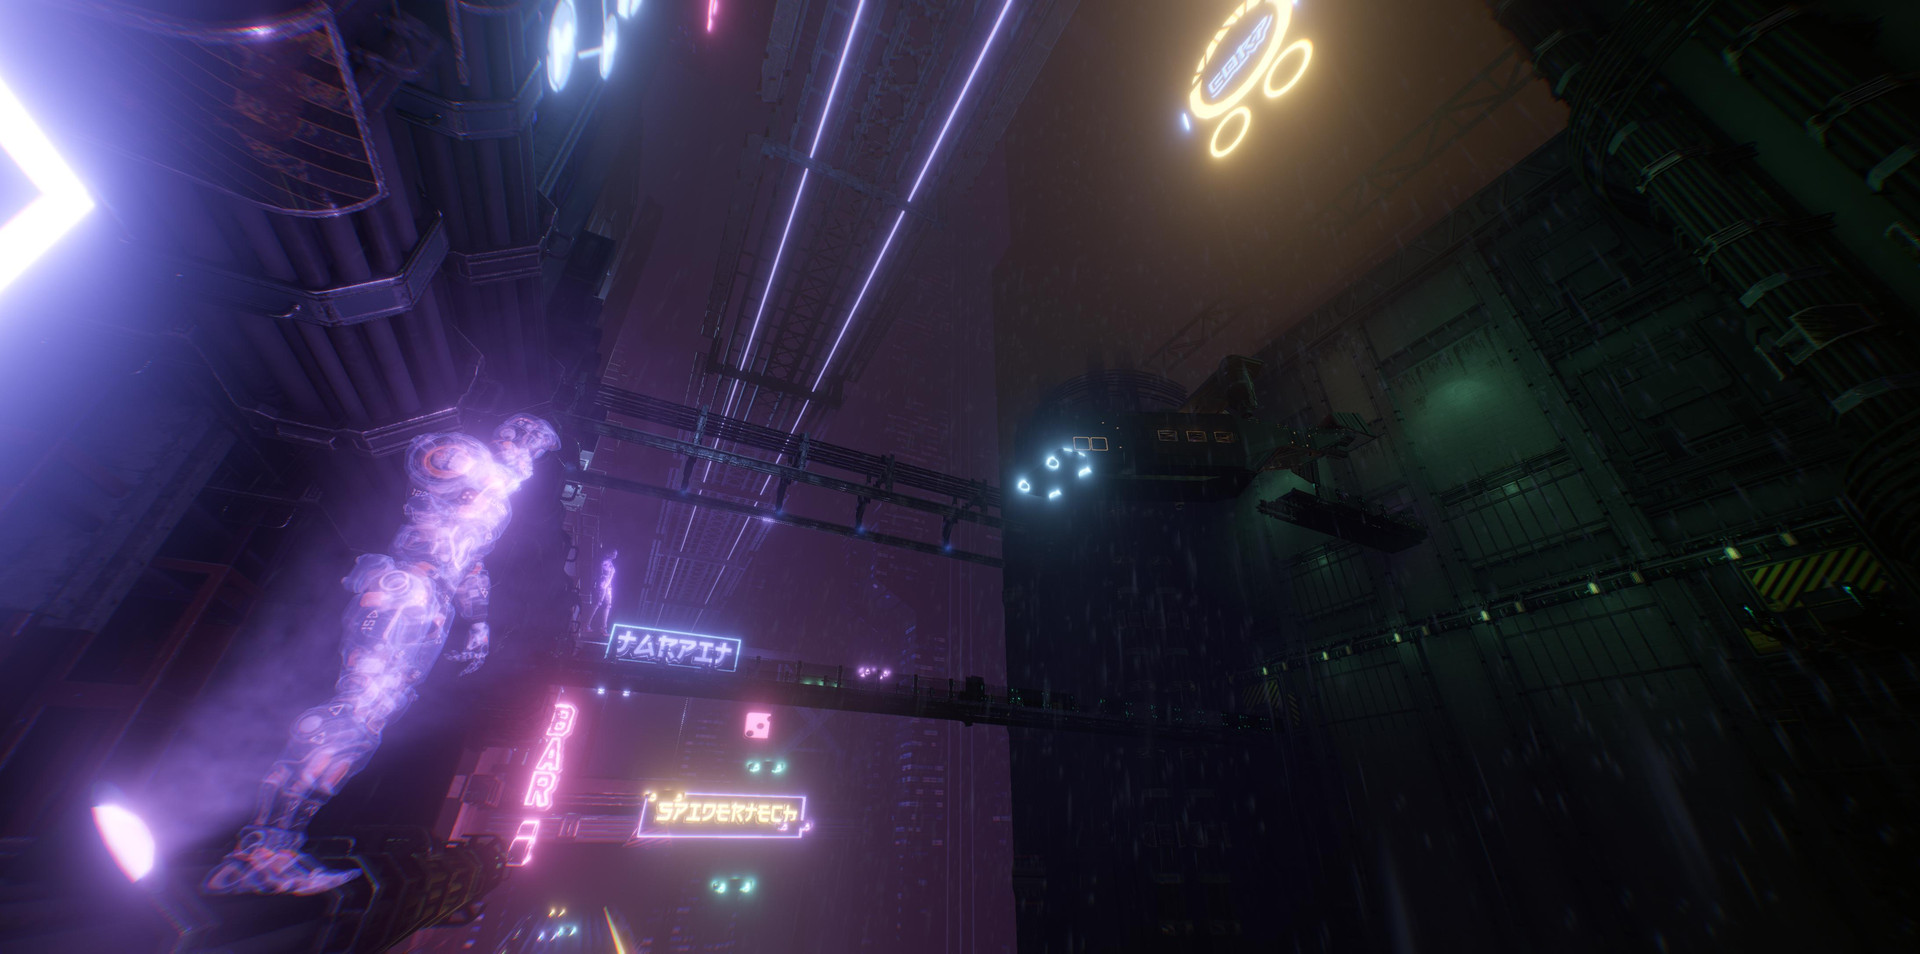 ER_Cyberpunk_2.jpg